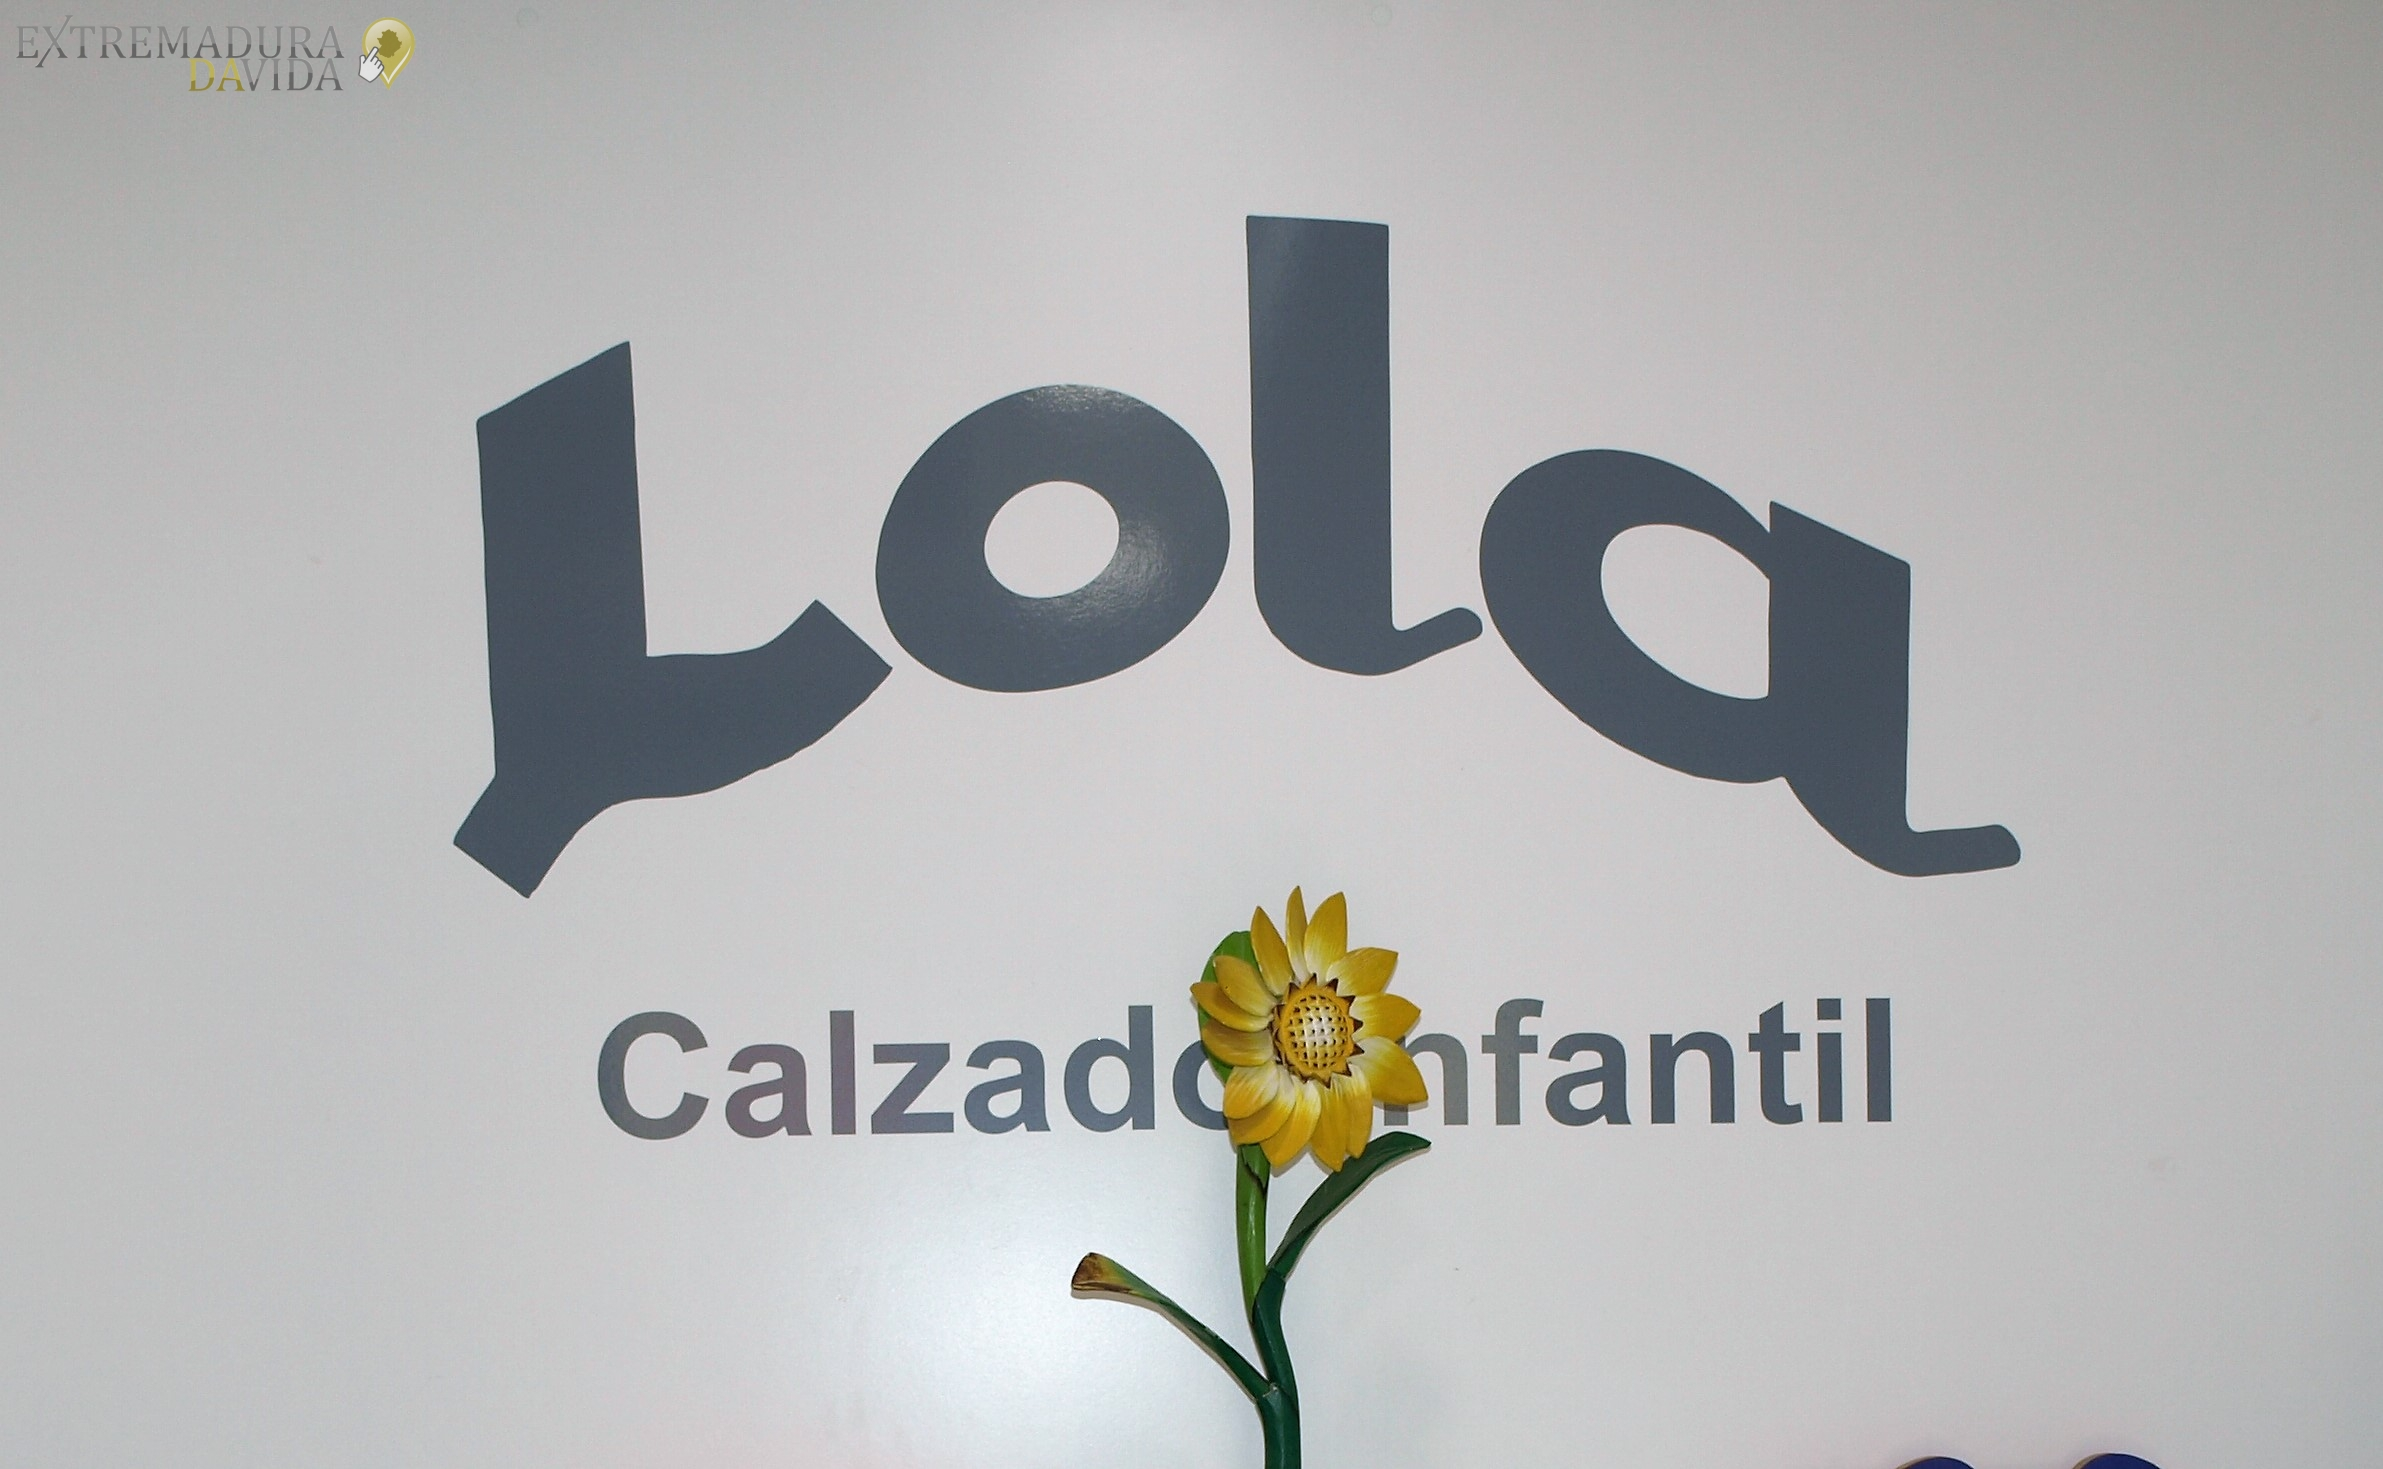 Lola Zapateria infantil en Zafra